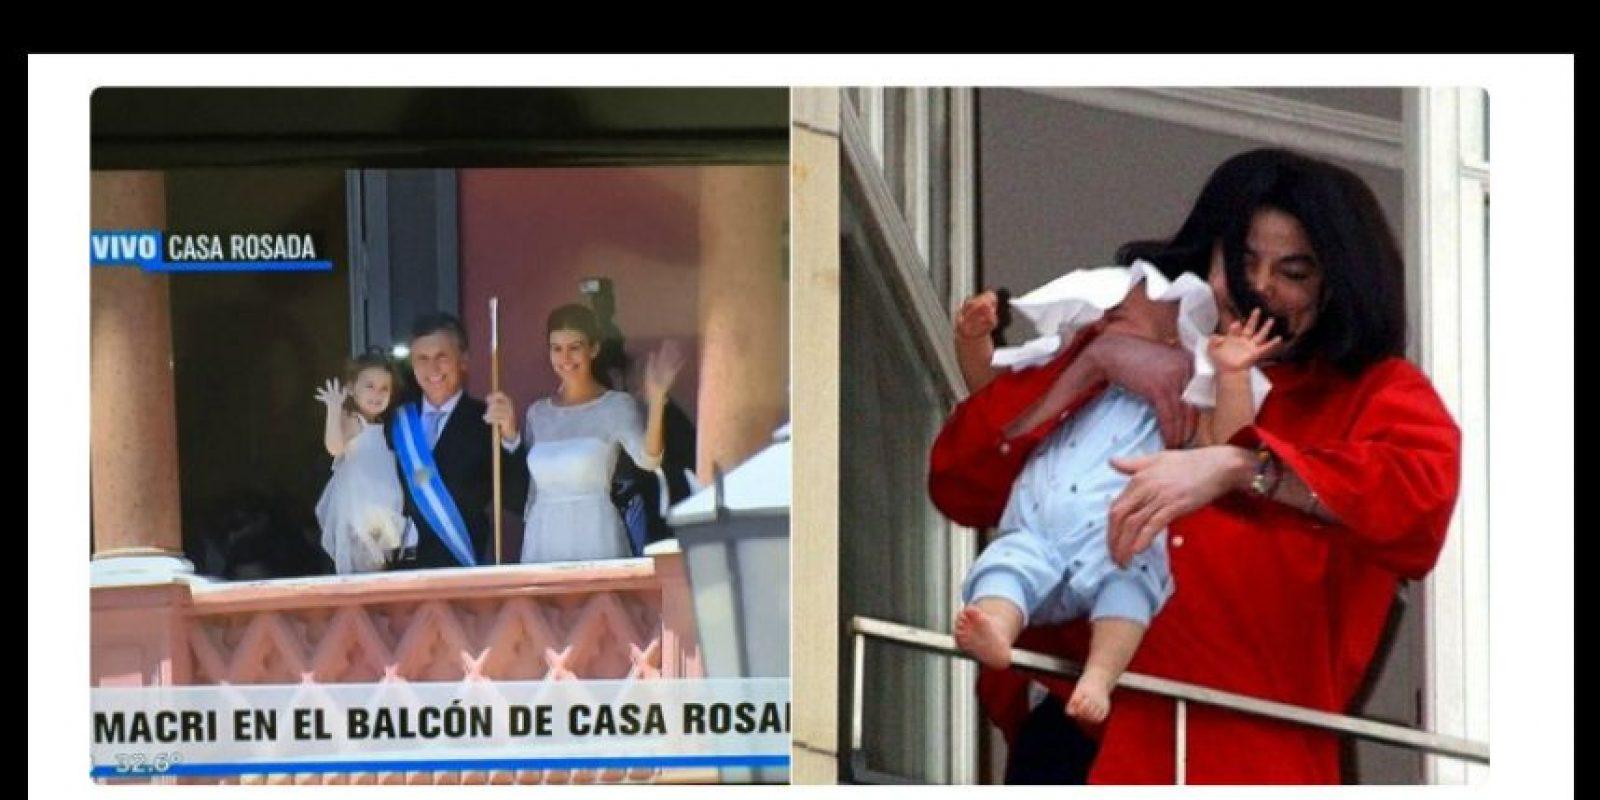 Se burlaron de la presentación de su familia en el balcón de la Casa Rosada Foto:Twitter.com